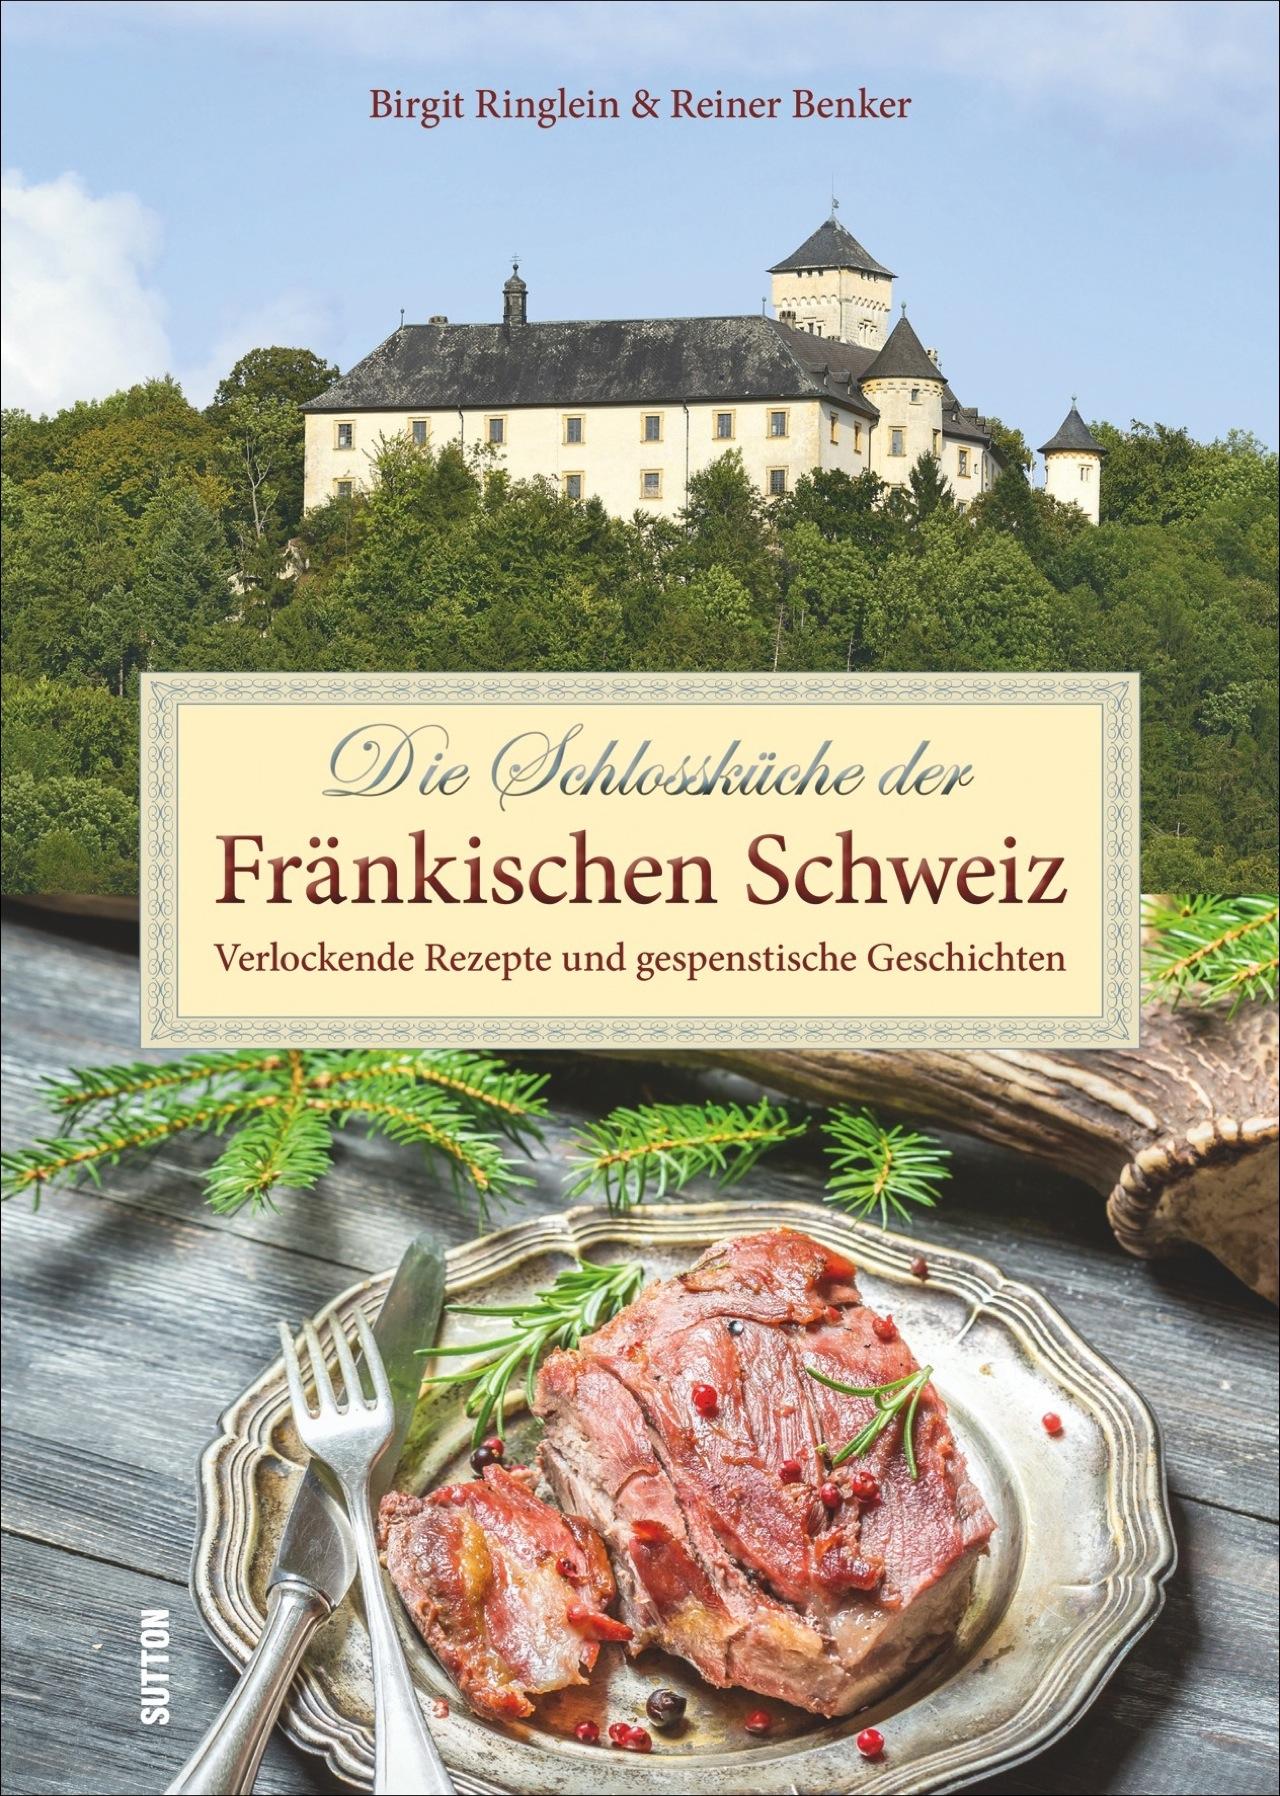 Die Schlossküche der Fränkischen Schweiz von Benker, Reiner, Ringlei